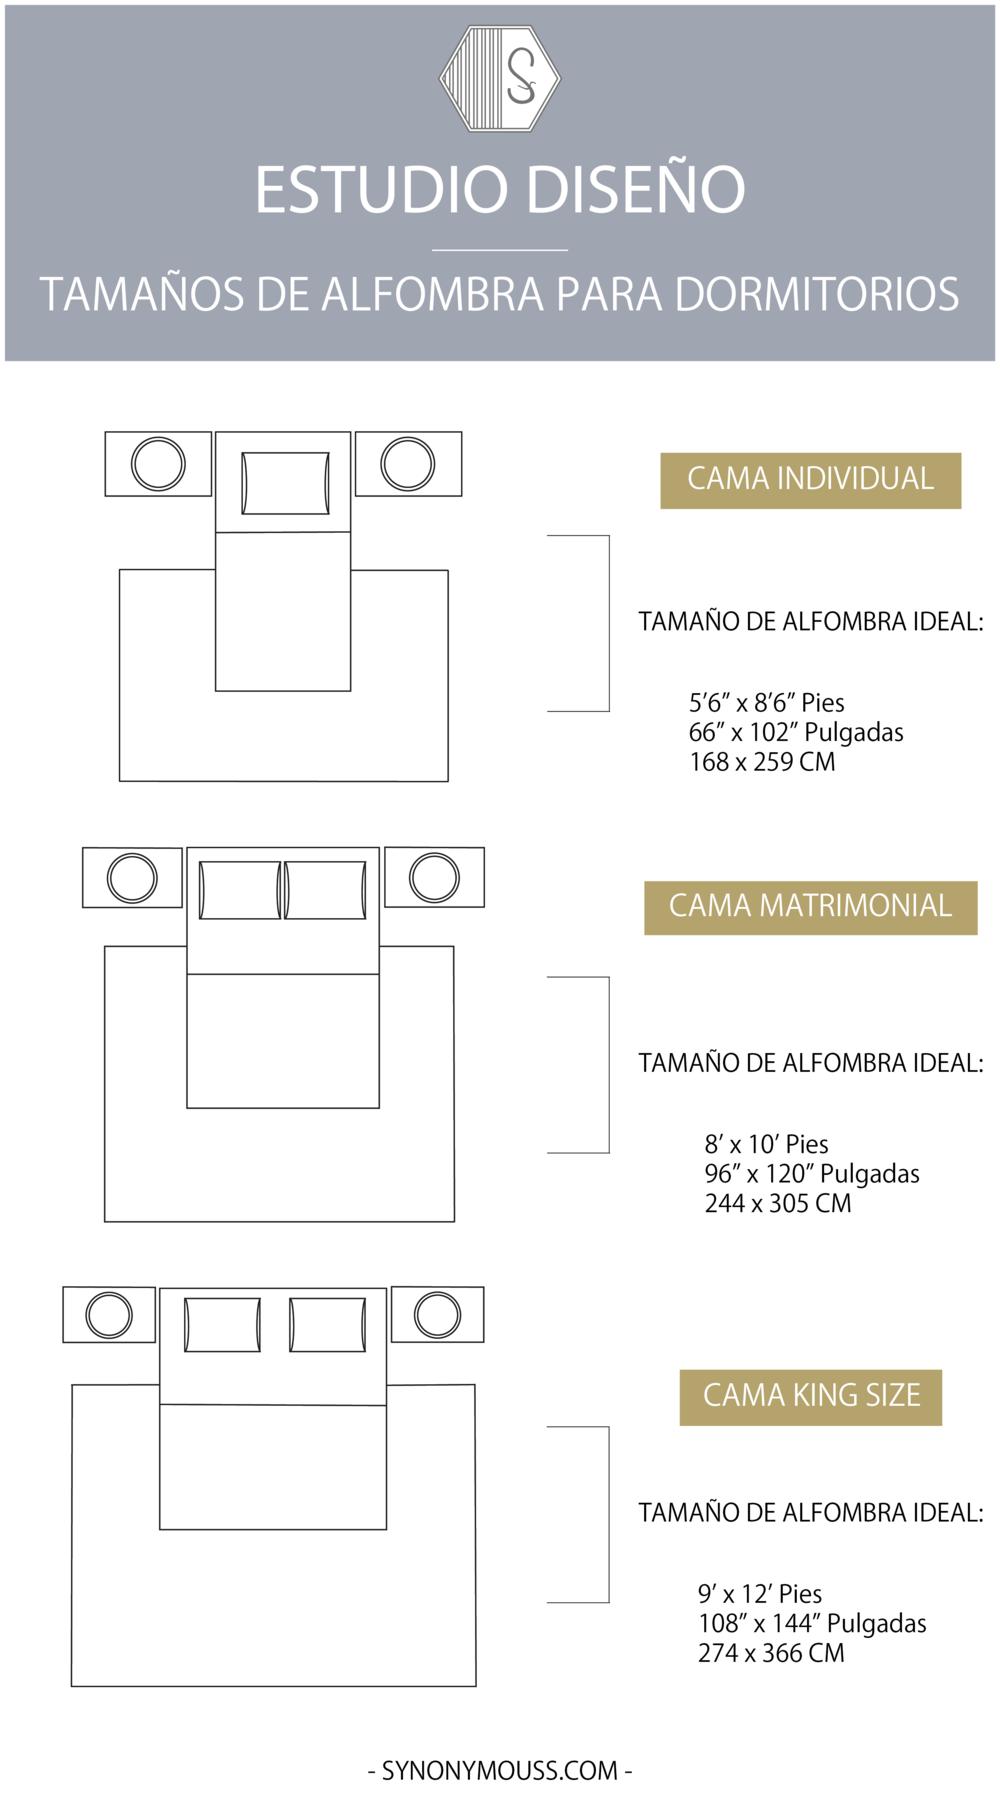 Estudio Diseño:  Tamaños de Alfombra para Dormitorios